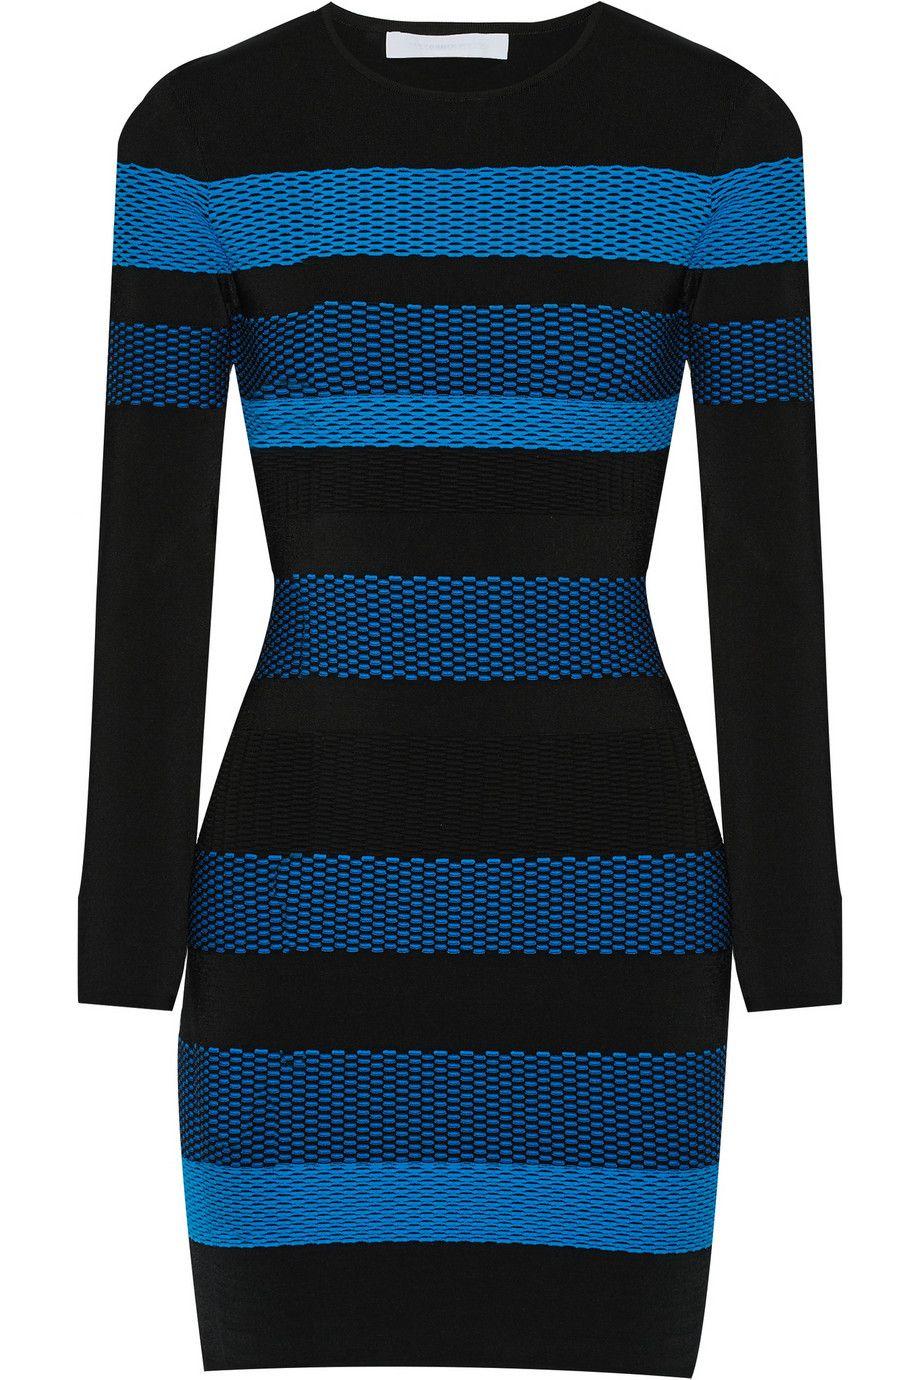 ALEXANDER WANG Jersey Mini Dress. #alexanderwang #cloth #dress